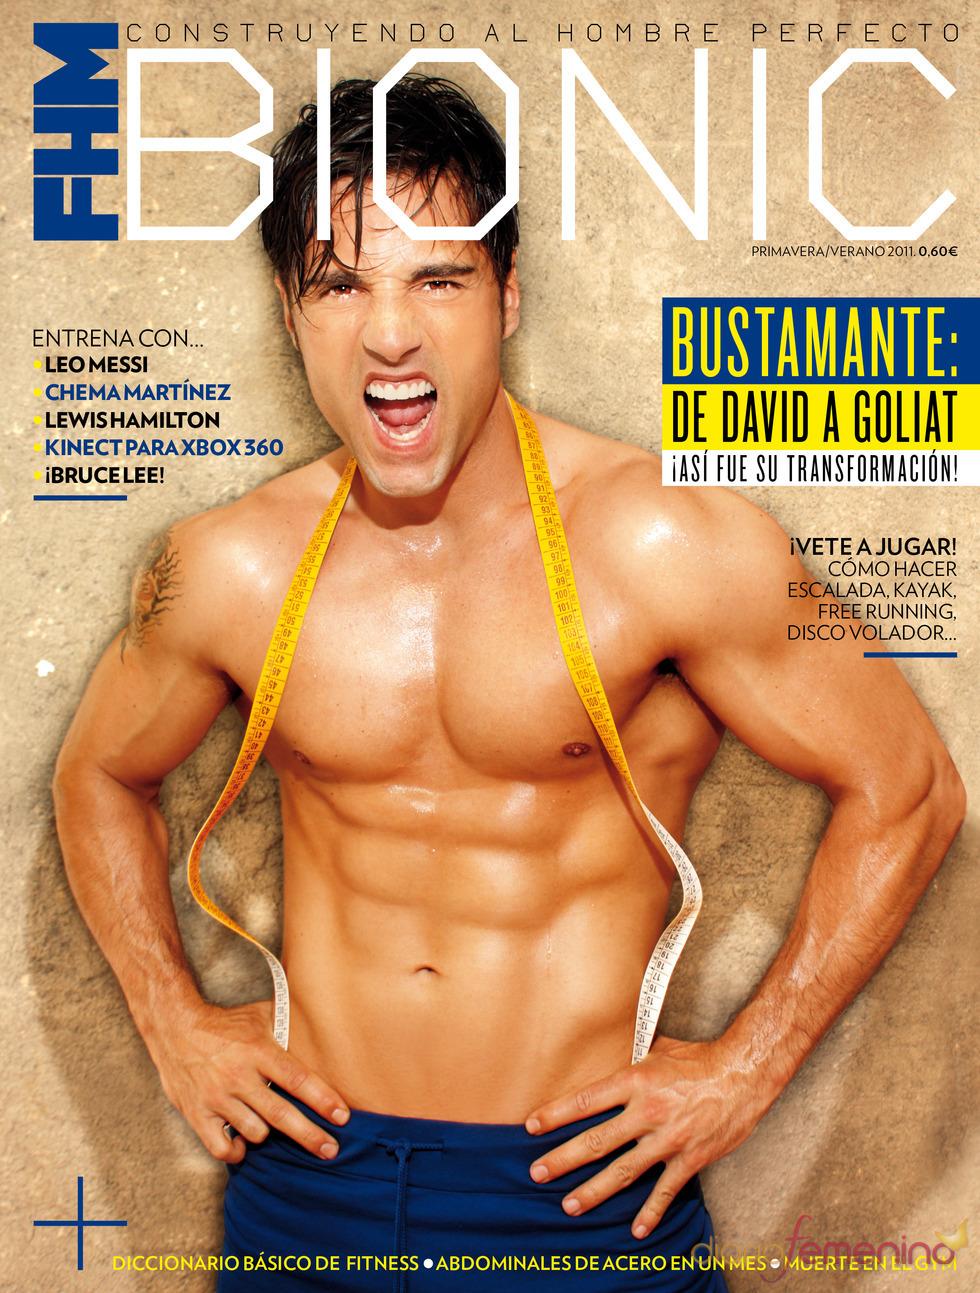 David Bustamante, portada de la revista 'Bionic'